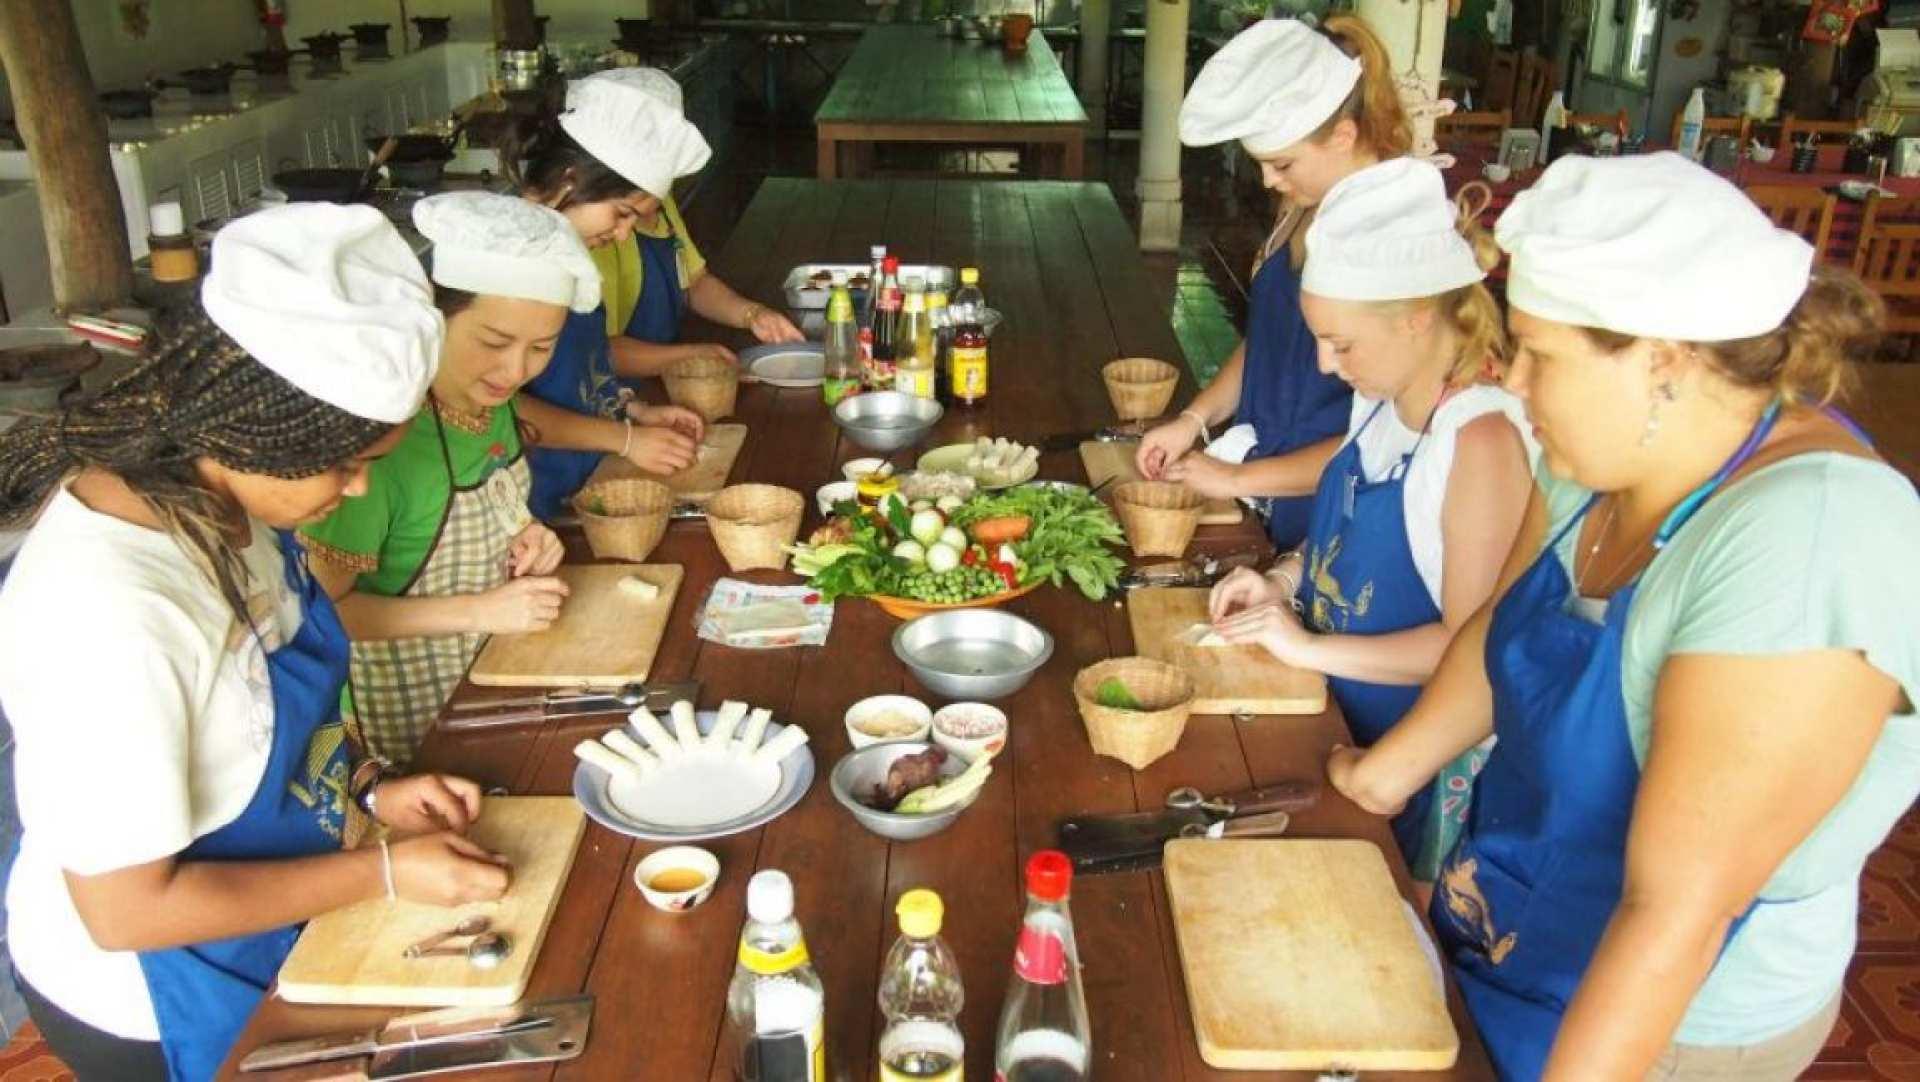 【五顆星大好評教室】清邁 Baan Hongnual 泰式烹飪學校